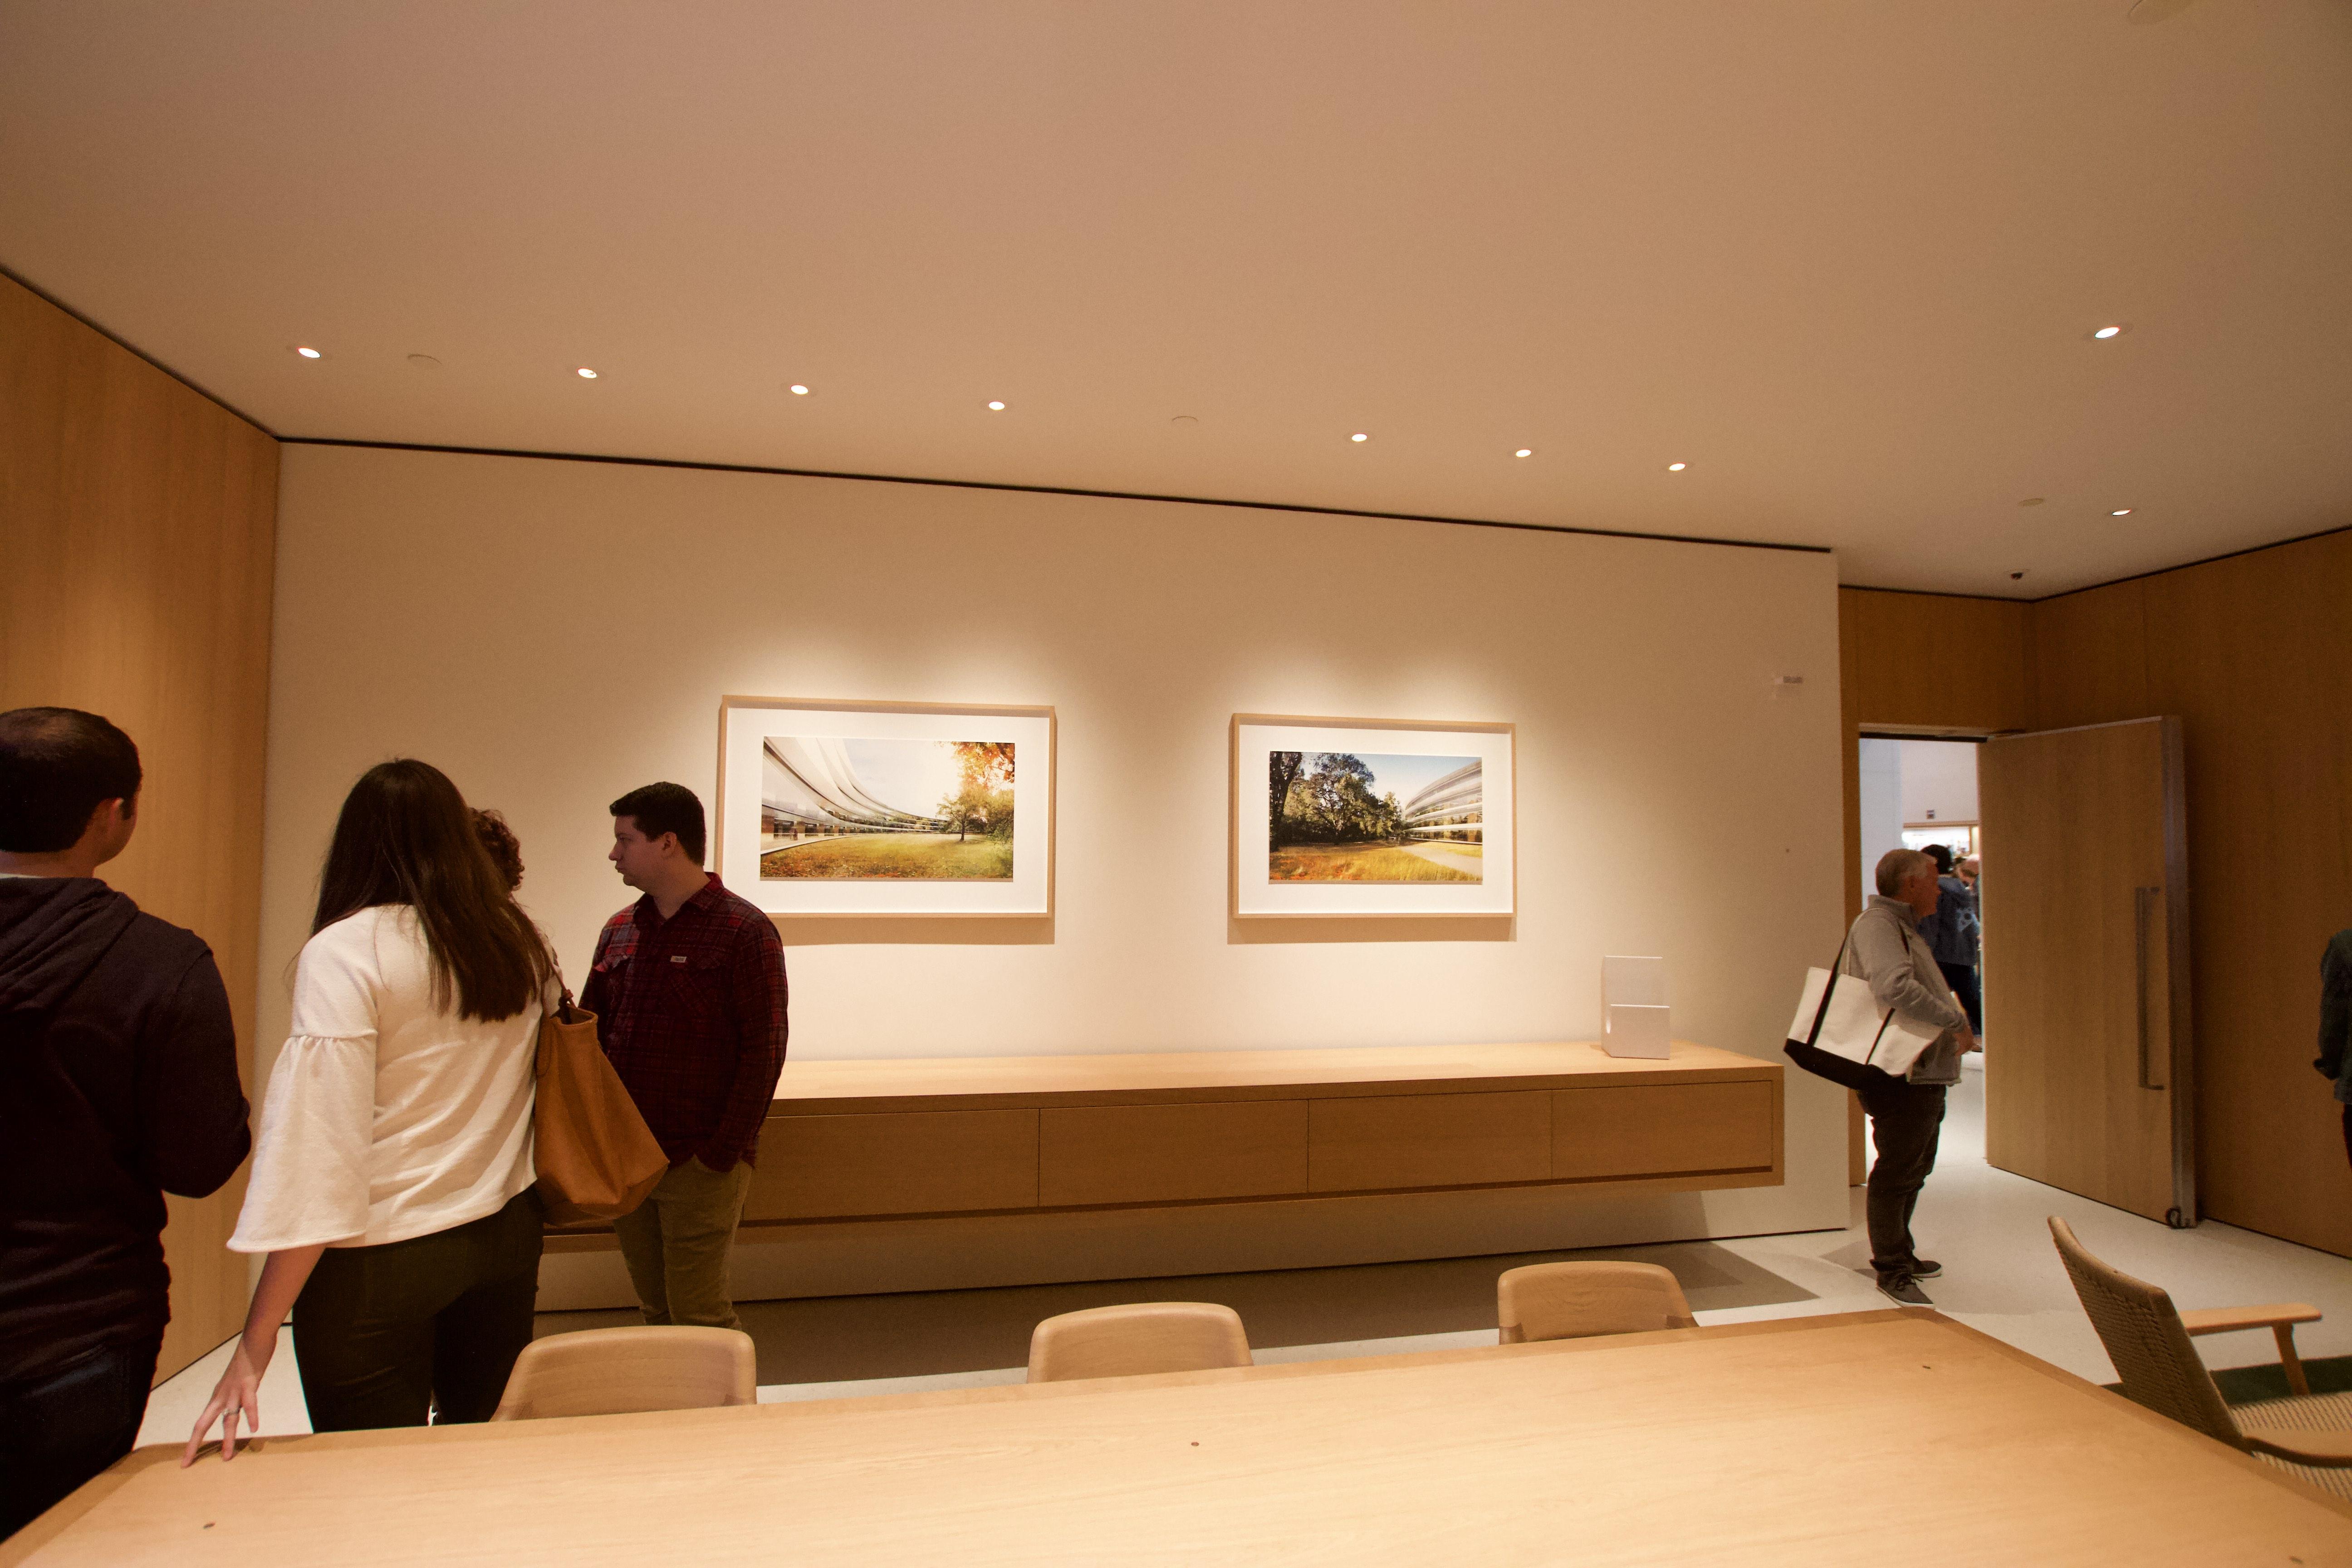 Gallery: Striking new Apple store in Seattle\'s University Village ...